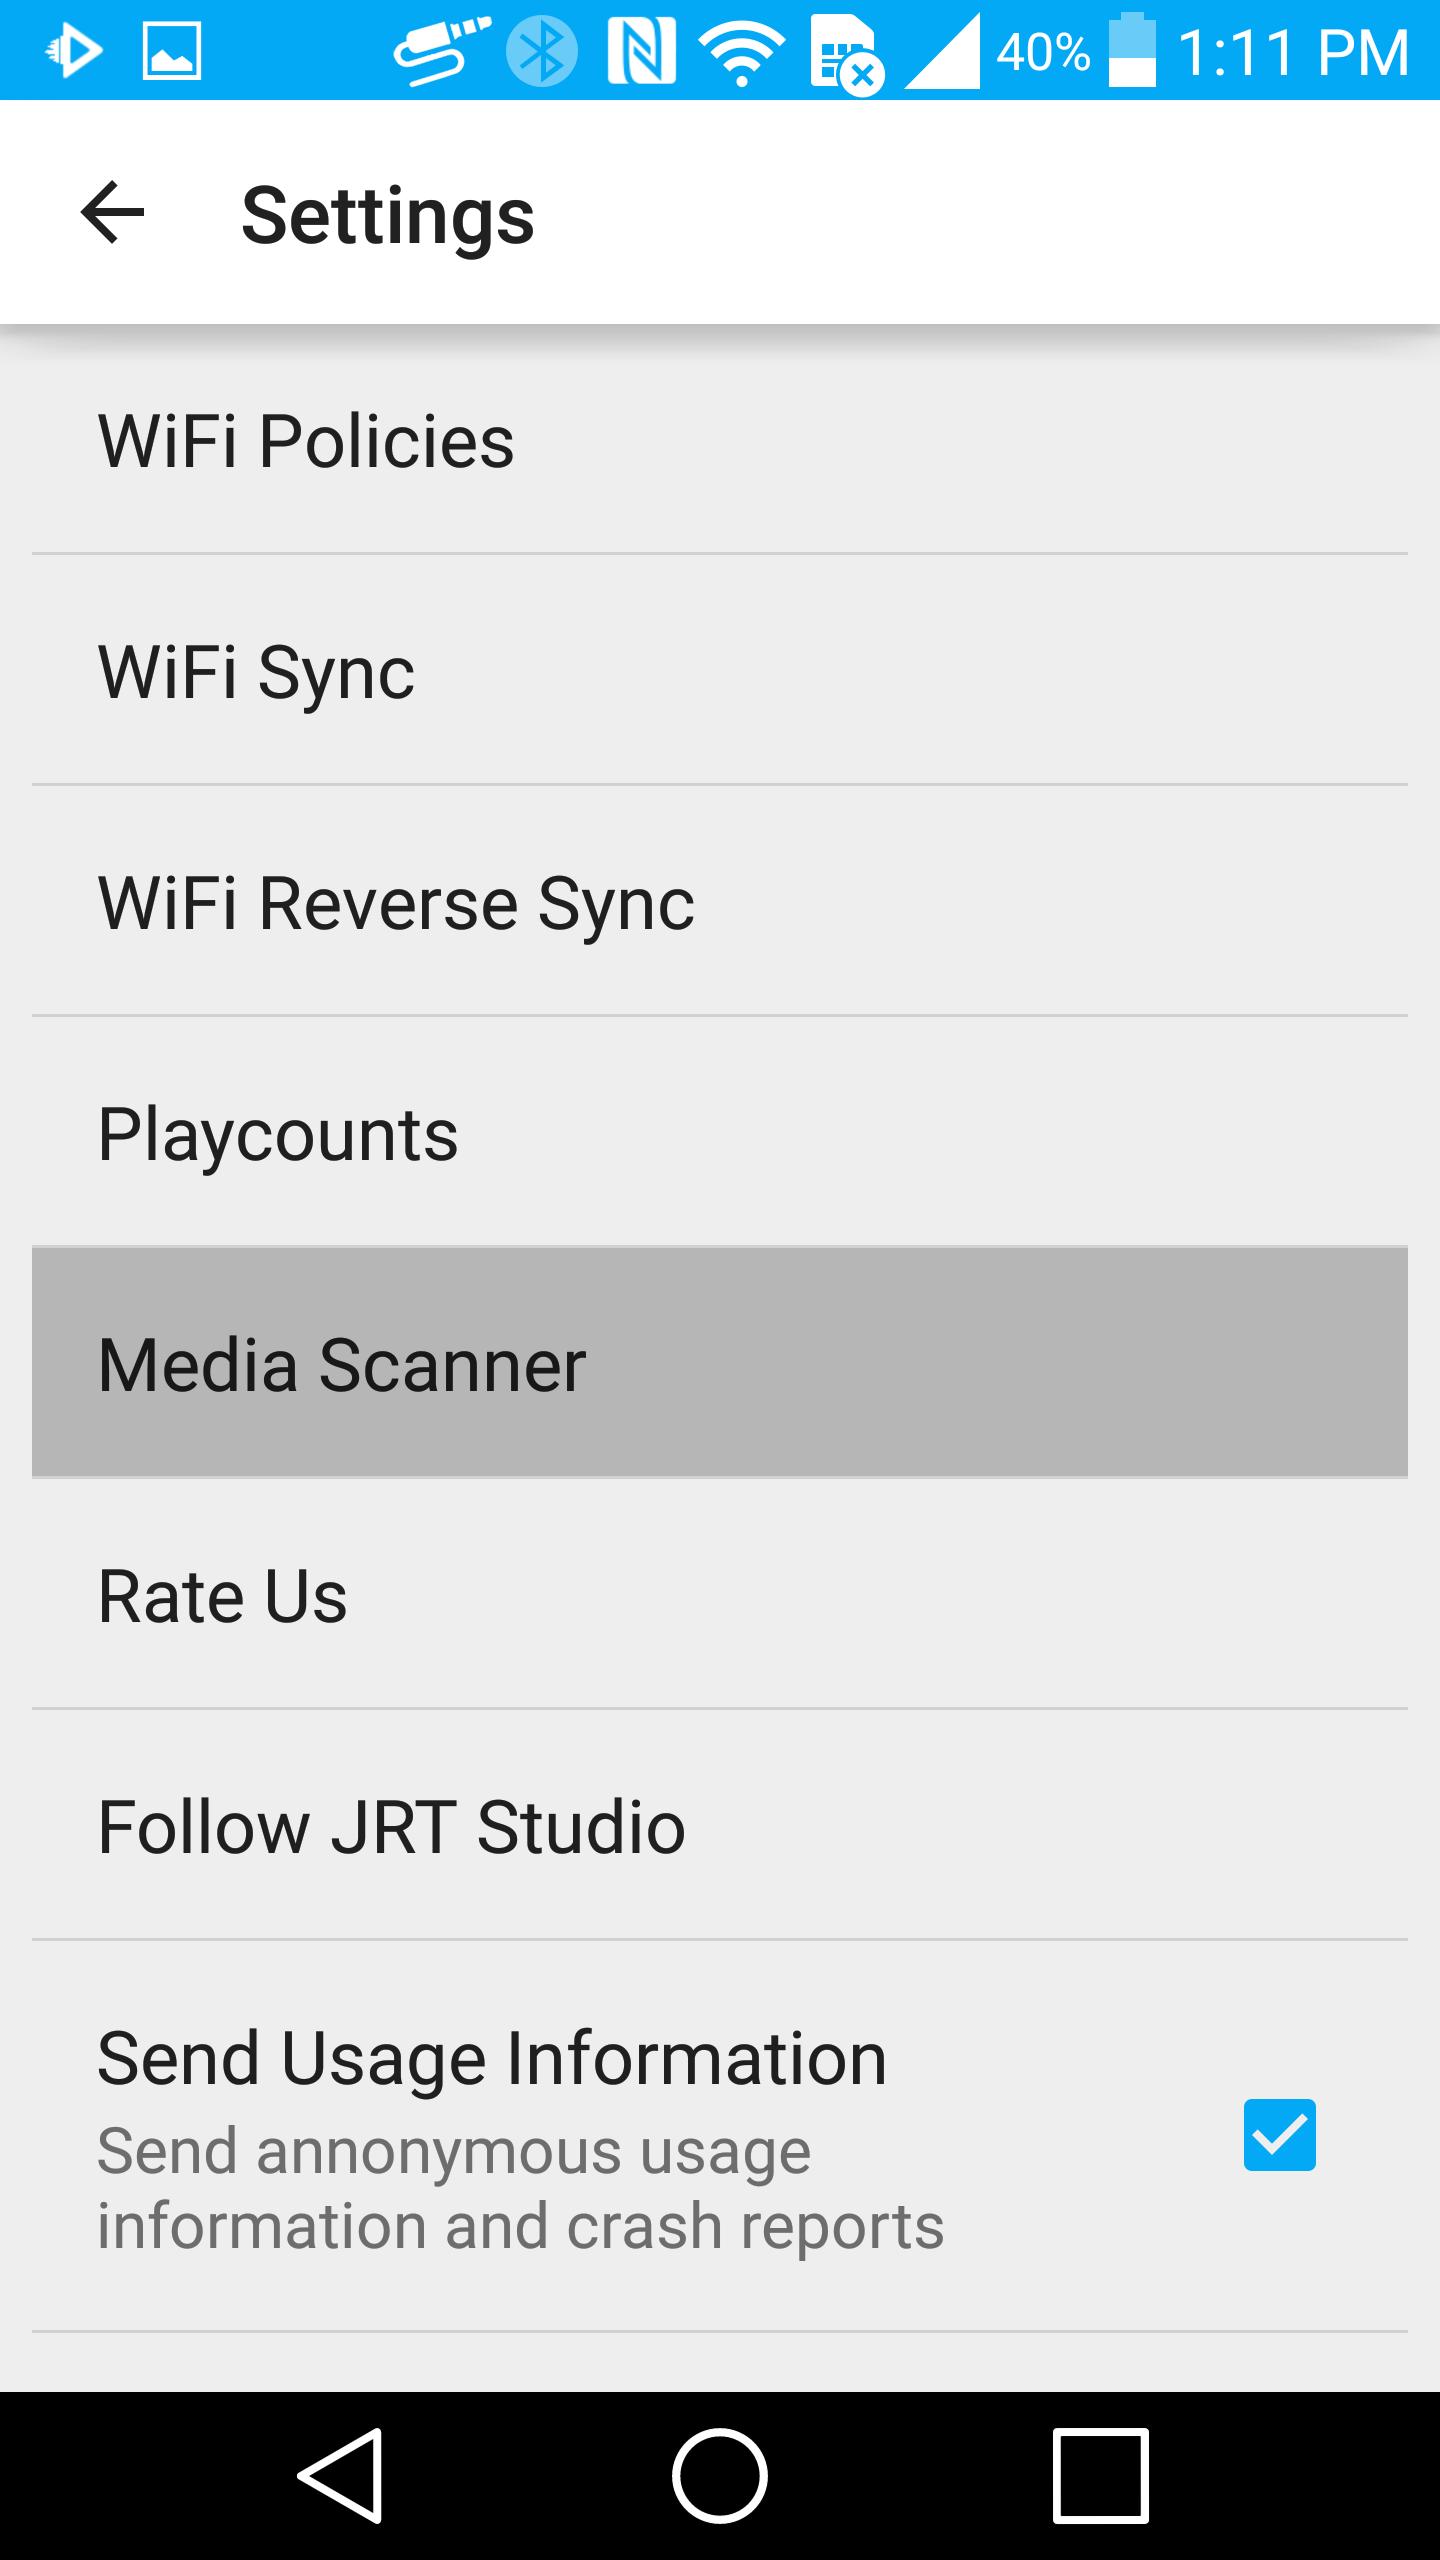 Refreshing Android MediaStore Database | JRT Studio